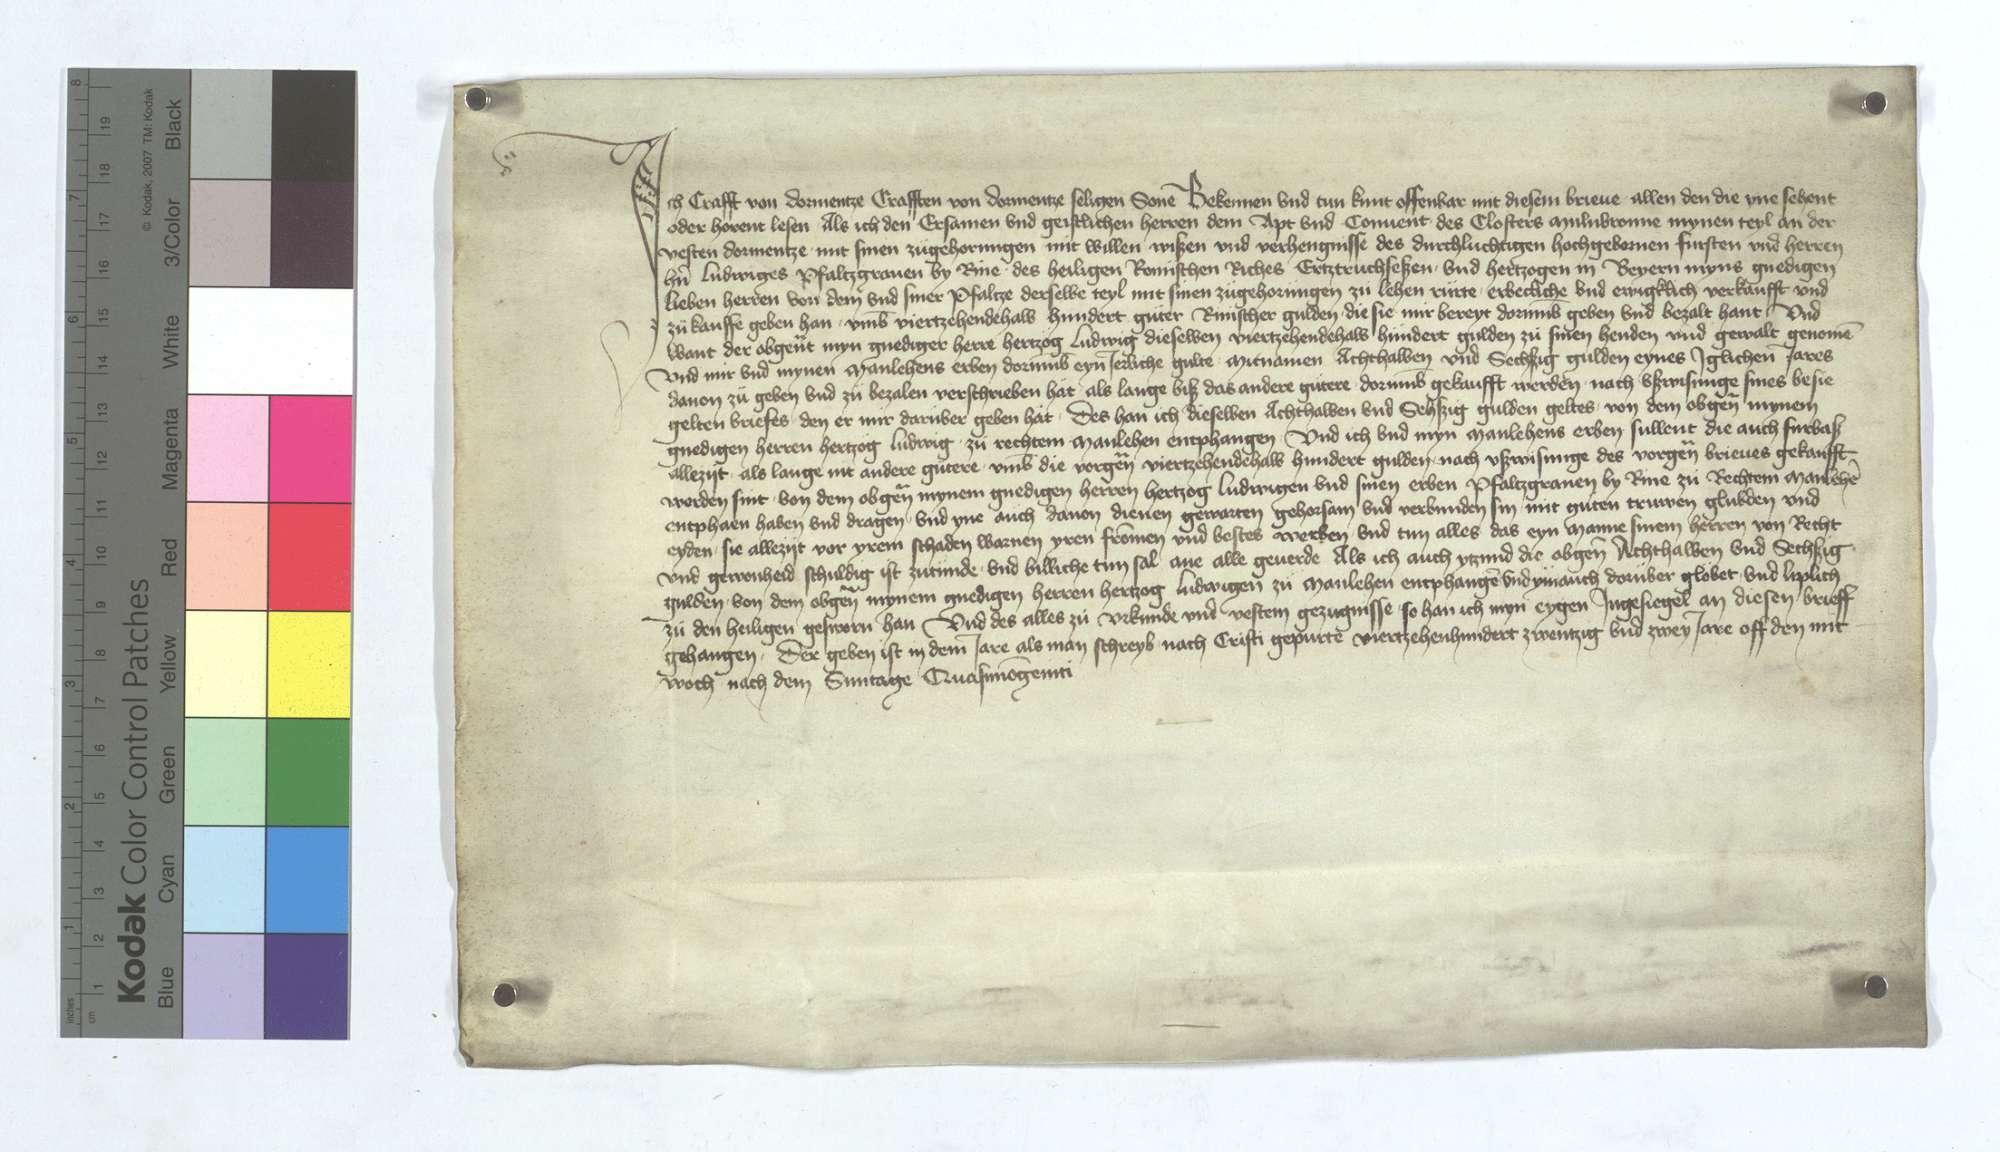 Craft von Dürrmenz, Craft von Dürrmenz sel. Sohn, stellt dem Pfalzgrafen Ludwig bei Rhein, Herzog in Bayern, einen Lehensrevers aus über 67 1/2 Gulden jährlichen Zins aus 1.350 Gulden, der Kaufsumme für Crafts Anteil an der Feste Dürrmenz, welches pfälzische Lehen er an das Kloster Maulbronn verkauft hat., Text